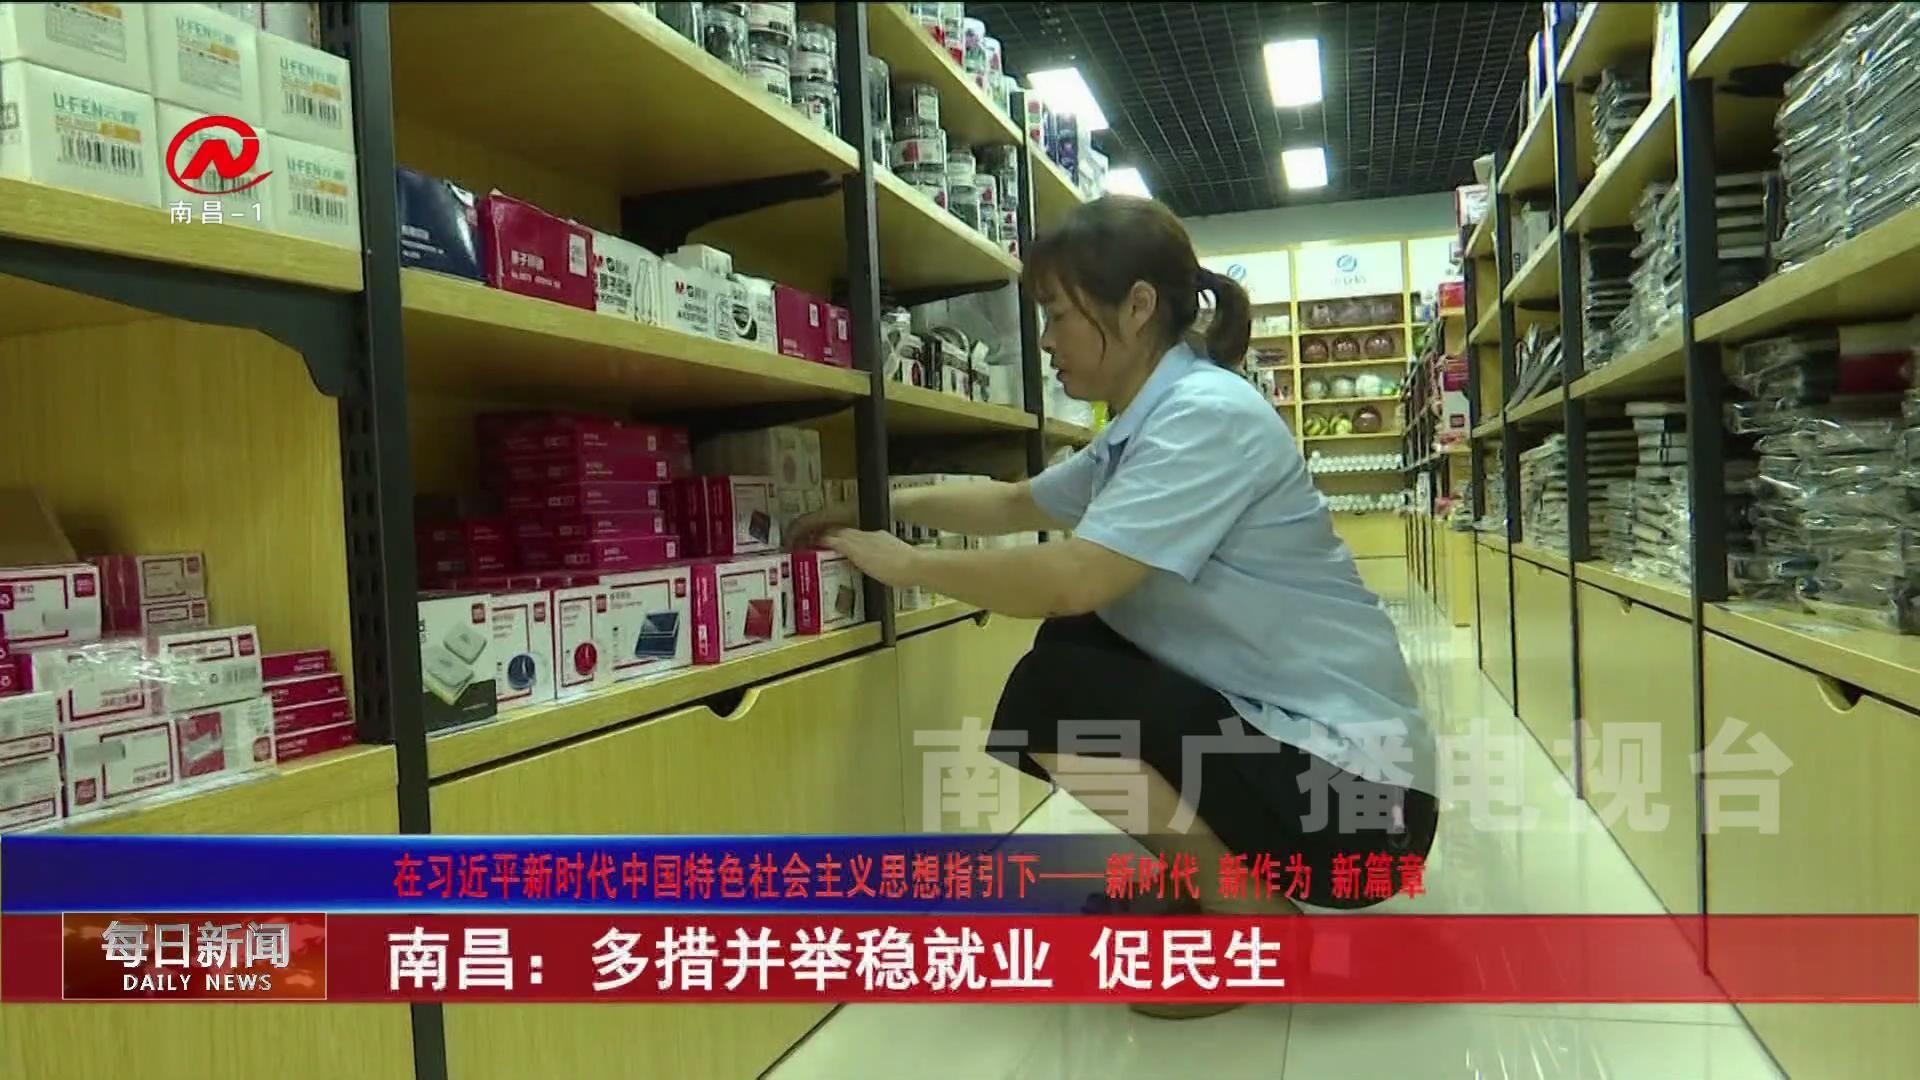 南昌:多措并举稳就业 促民生